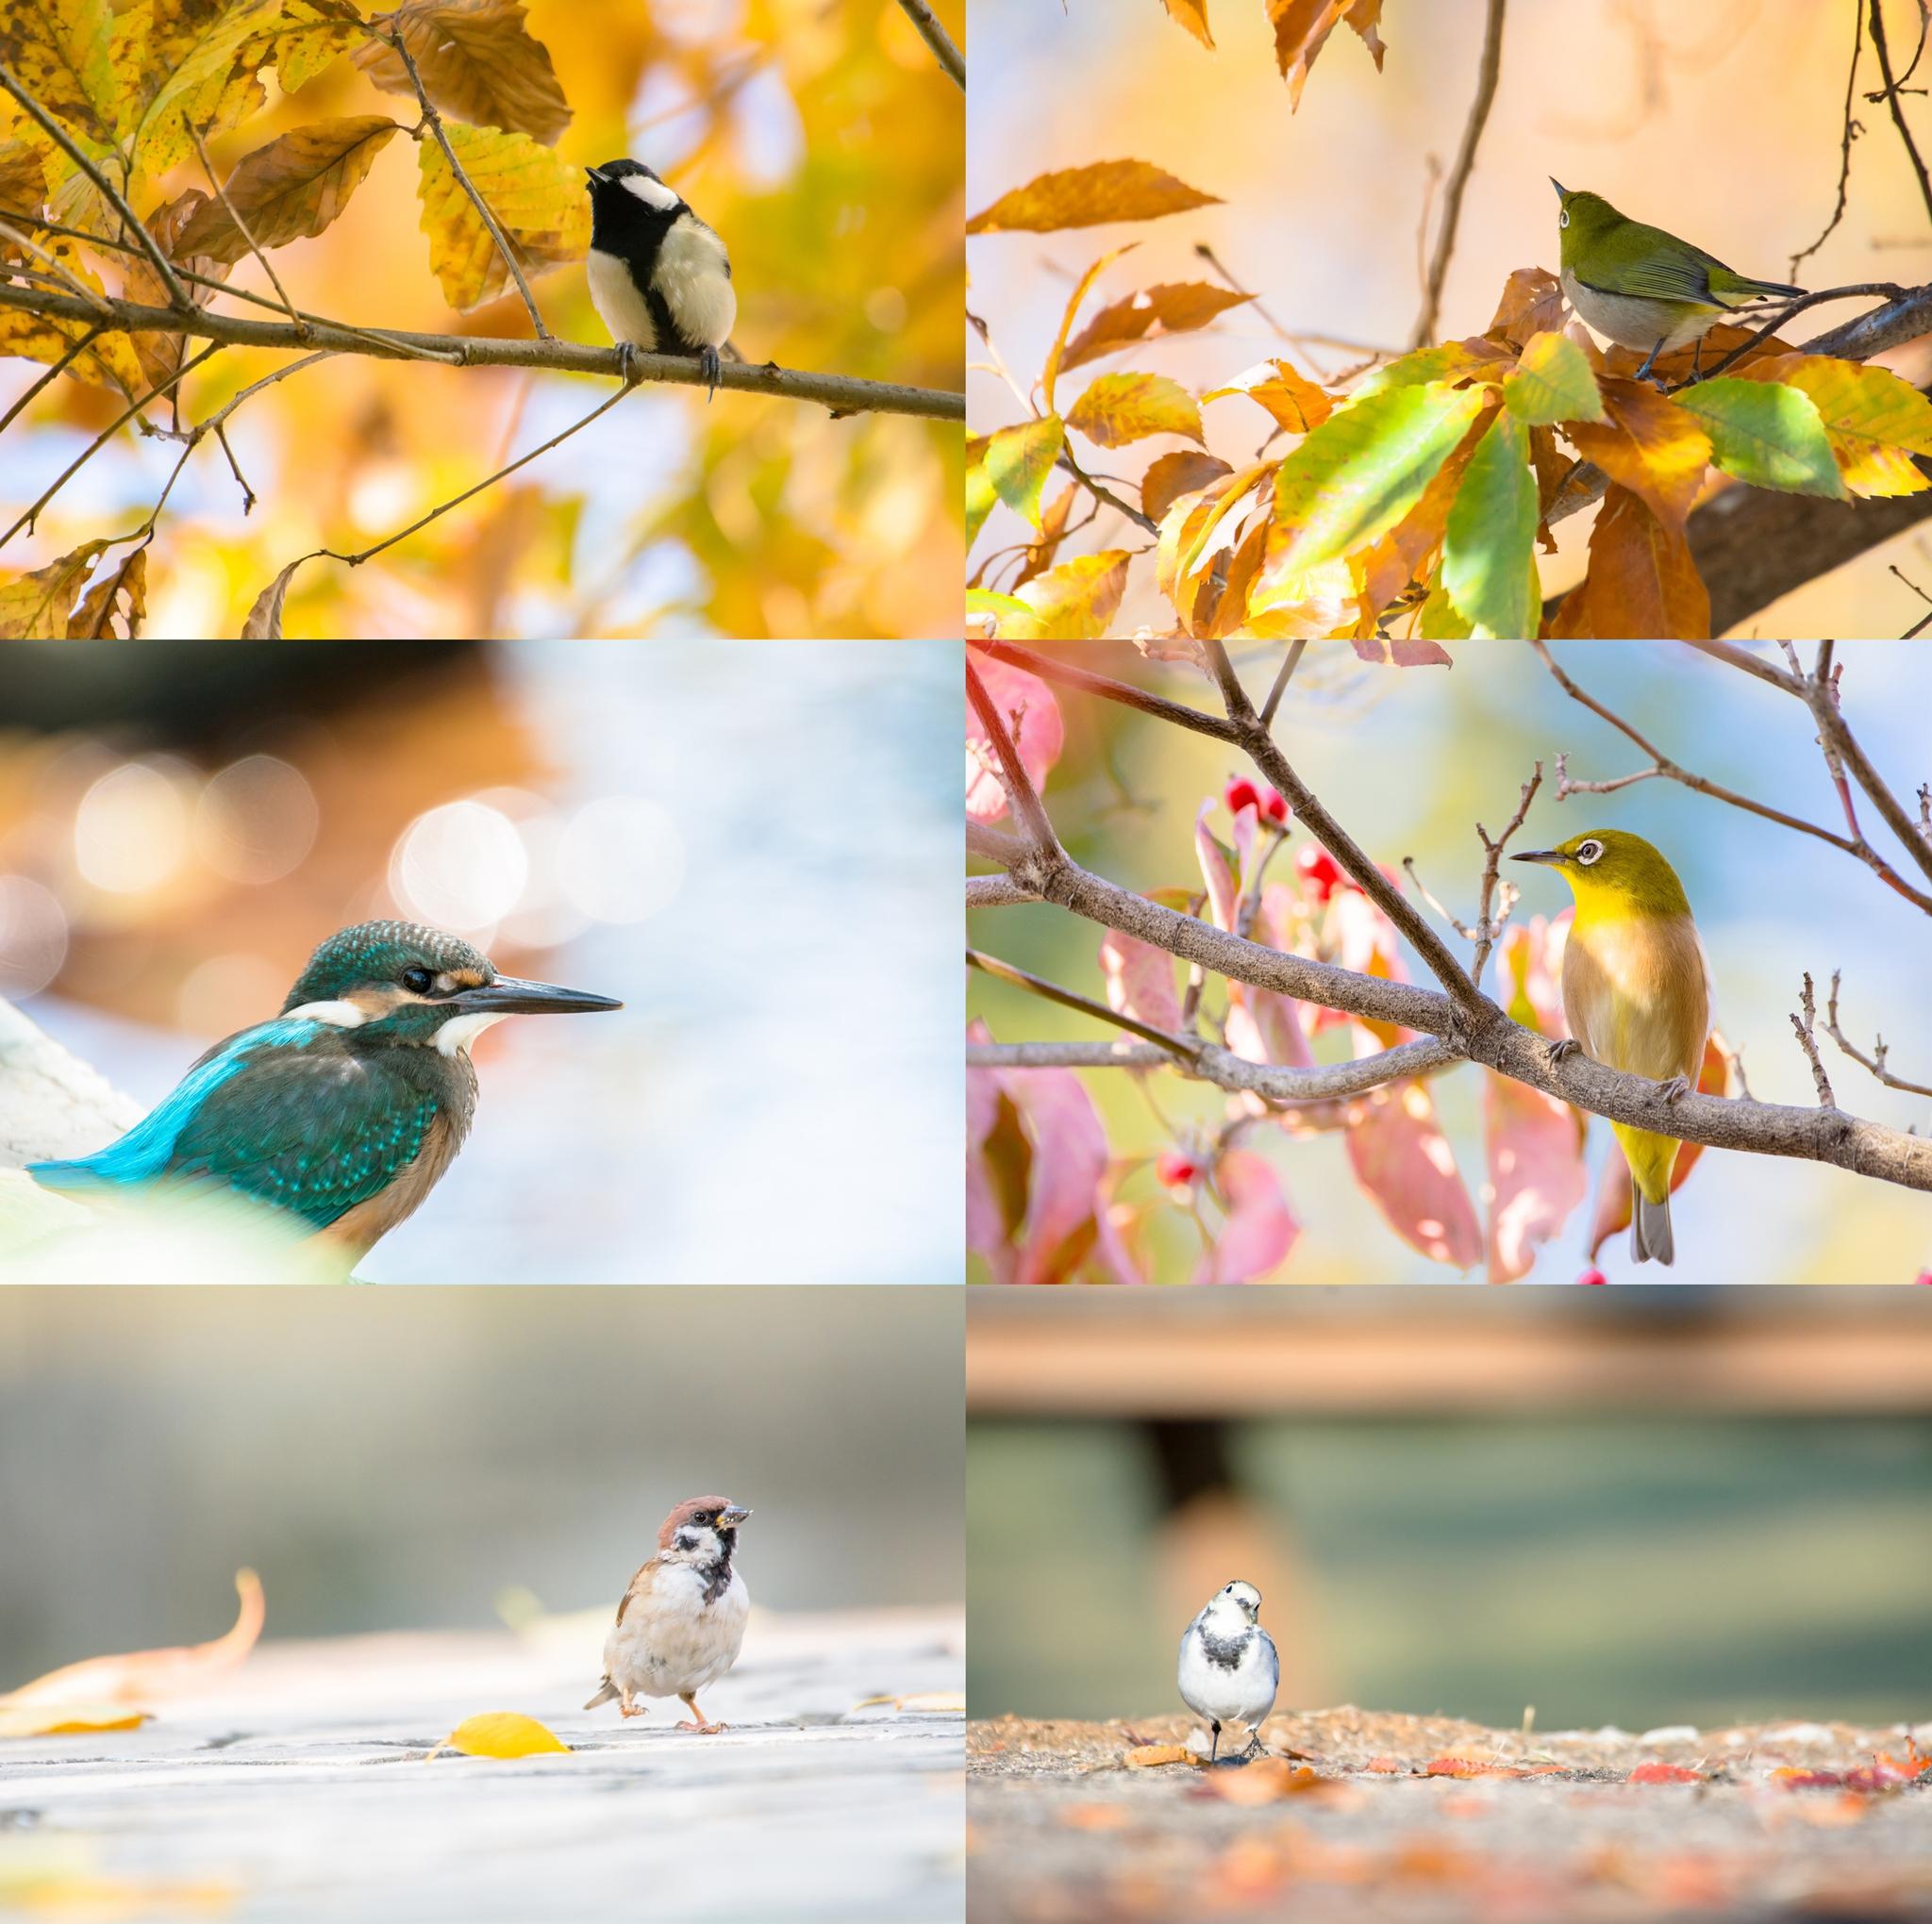 Photo: 「秋」 / Autumn.  写真展『まなざし』出展作品より 今回ご紹介させていただくのは 8つの小さなテーマの内の一つ 『秋』です。  周囲を覆っていた 葉が散っていく季節 鳥達もどこか名残惜しいような でも季節の変化が楽しいような そんな季節を過す小鳥たちのシーンから 6枚選ばせていただいています。  季節の変化を見守る小鳥たちの表情 じっくりと感じていただけたらと思います。  写真展は4日目となりました。 少し小ネタですが、 展覧会には文具メーカーの「マルマン」さんに 協賛をいただき、 今回の展示作品72点すべて このマルマンさんが取り扱っている フランスの製紙会社であるキャンソン社の キャンソンインフィニティシリーズ「バライタ」 を使用させていただいています。 ミュージアムグレードという アート作品として長期保存を可能とする素晴らしい用紙です。 ほどよいマット感に理想的な発色 私の思う色をイメージ通りに再現させてくれます。 Web上では伝えることのできない 私の頭の中でイメージする色、 じっくりと見ていただきたいと思っています。  3連休の最終日 本日もOpenの11時より終日在廊しています。 みなさんとお会いできるのを 楽しみにしてお待ちしています。  #birdphotography #birds #cooljapan #kawaii #nikon #sigma  ・大塩貴文 写真展『まなざし』 2015年11月20日[金]-29日[日] 詳細 < http://islandgallery.jp/12134 >  ・Live Talk YouTubeアーカイブ (今回の展示作品の紹介に加え詩の朗読もさせていただきました) < https://youtu.be/EIPFeUxyRwE >  ・キャンソンインフィニティ (展示作品にもちいている用紙メーカーです) < http://goo.gl/RBcGvy >